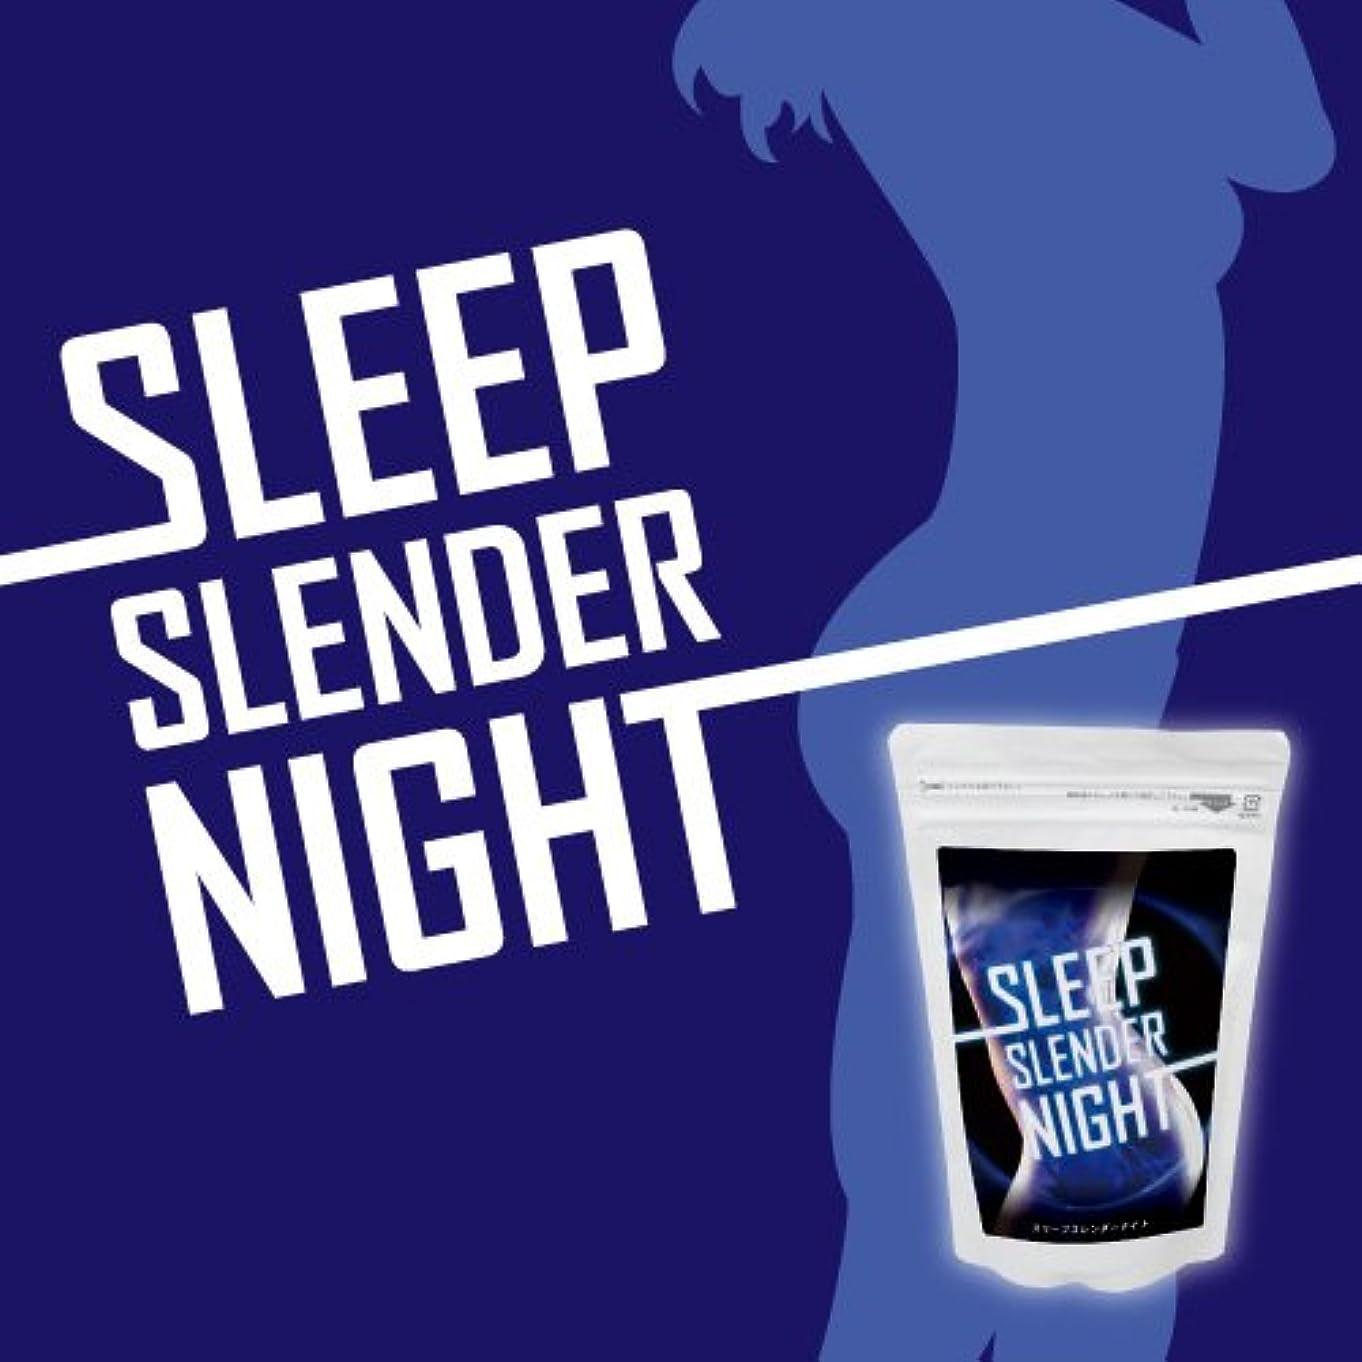 付添人採用するシフトSleep Slender Night(スリープスレンダーナイト) ダイエット ダイエットサプリ 送料無料